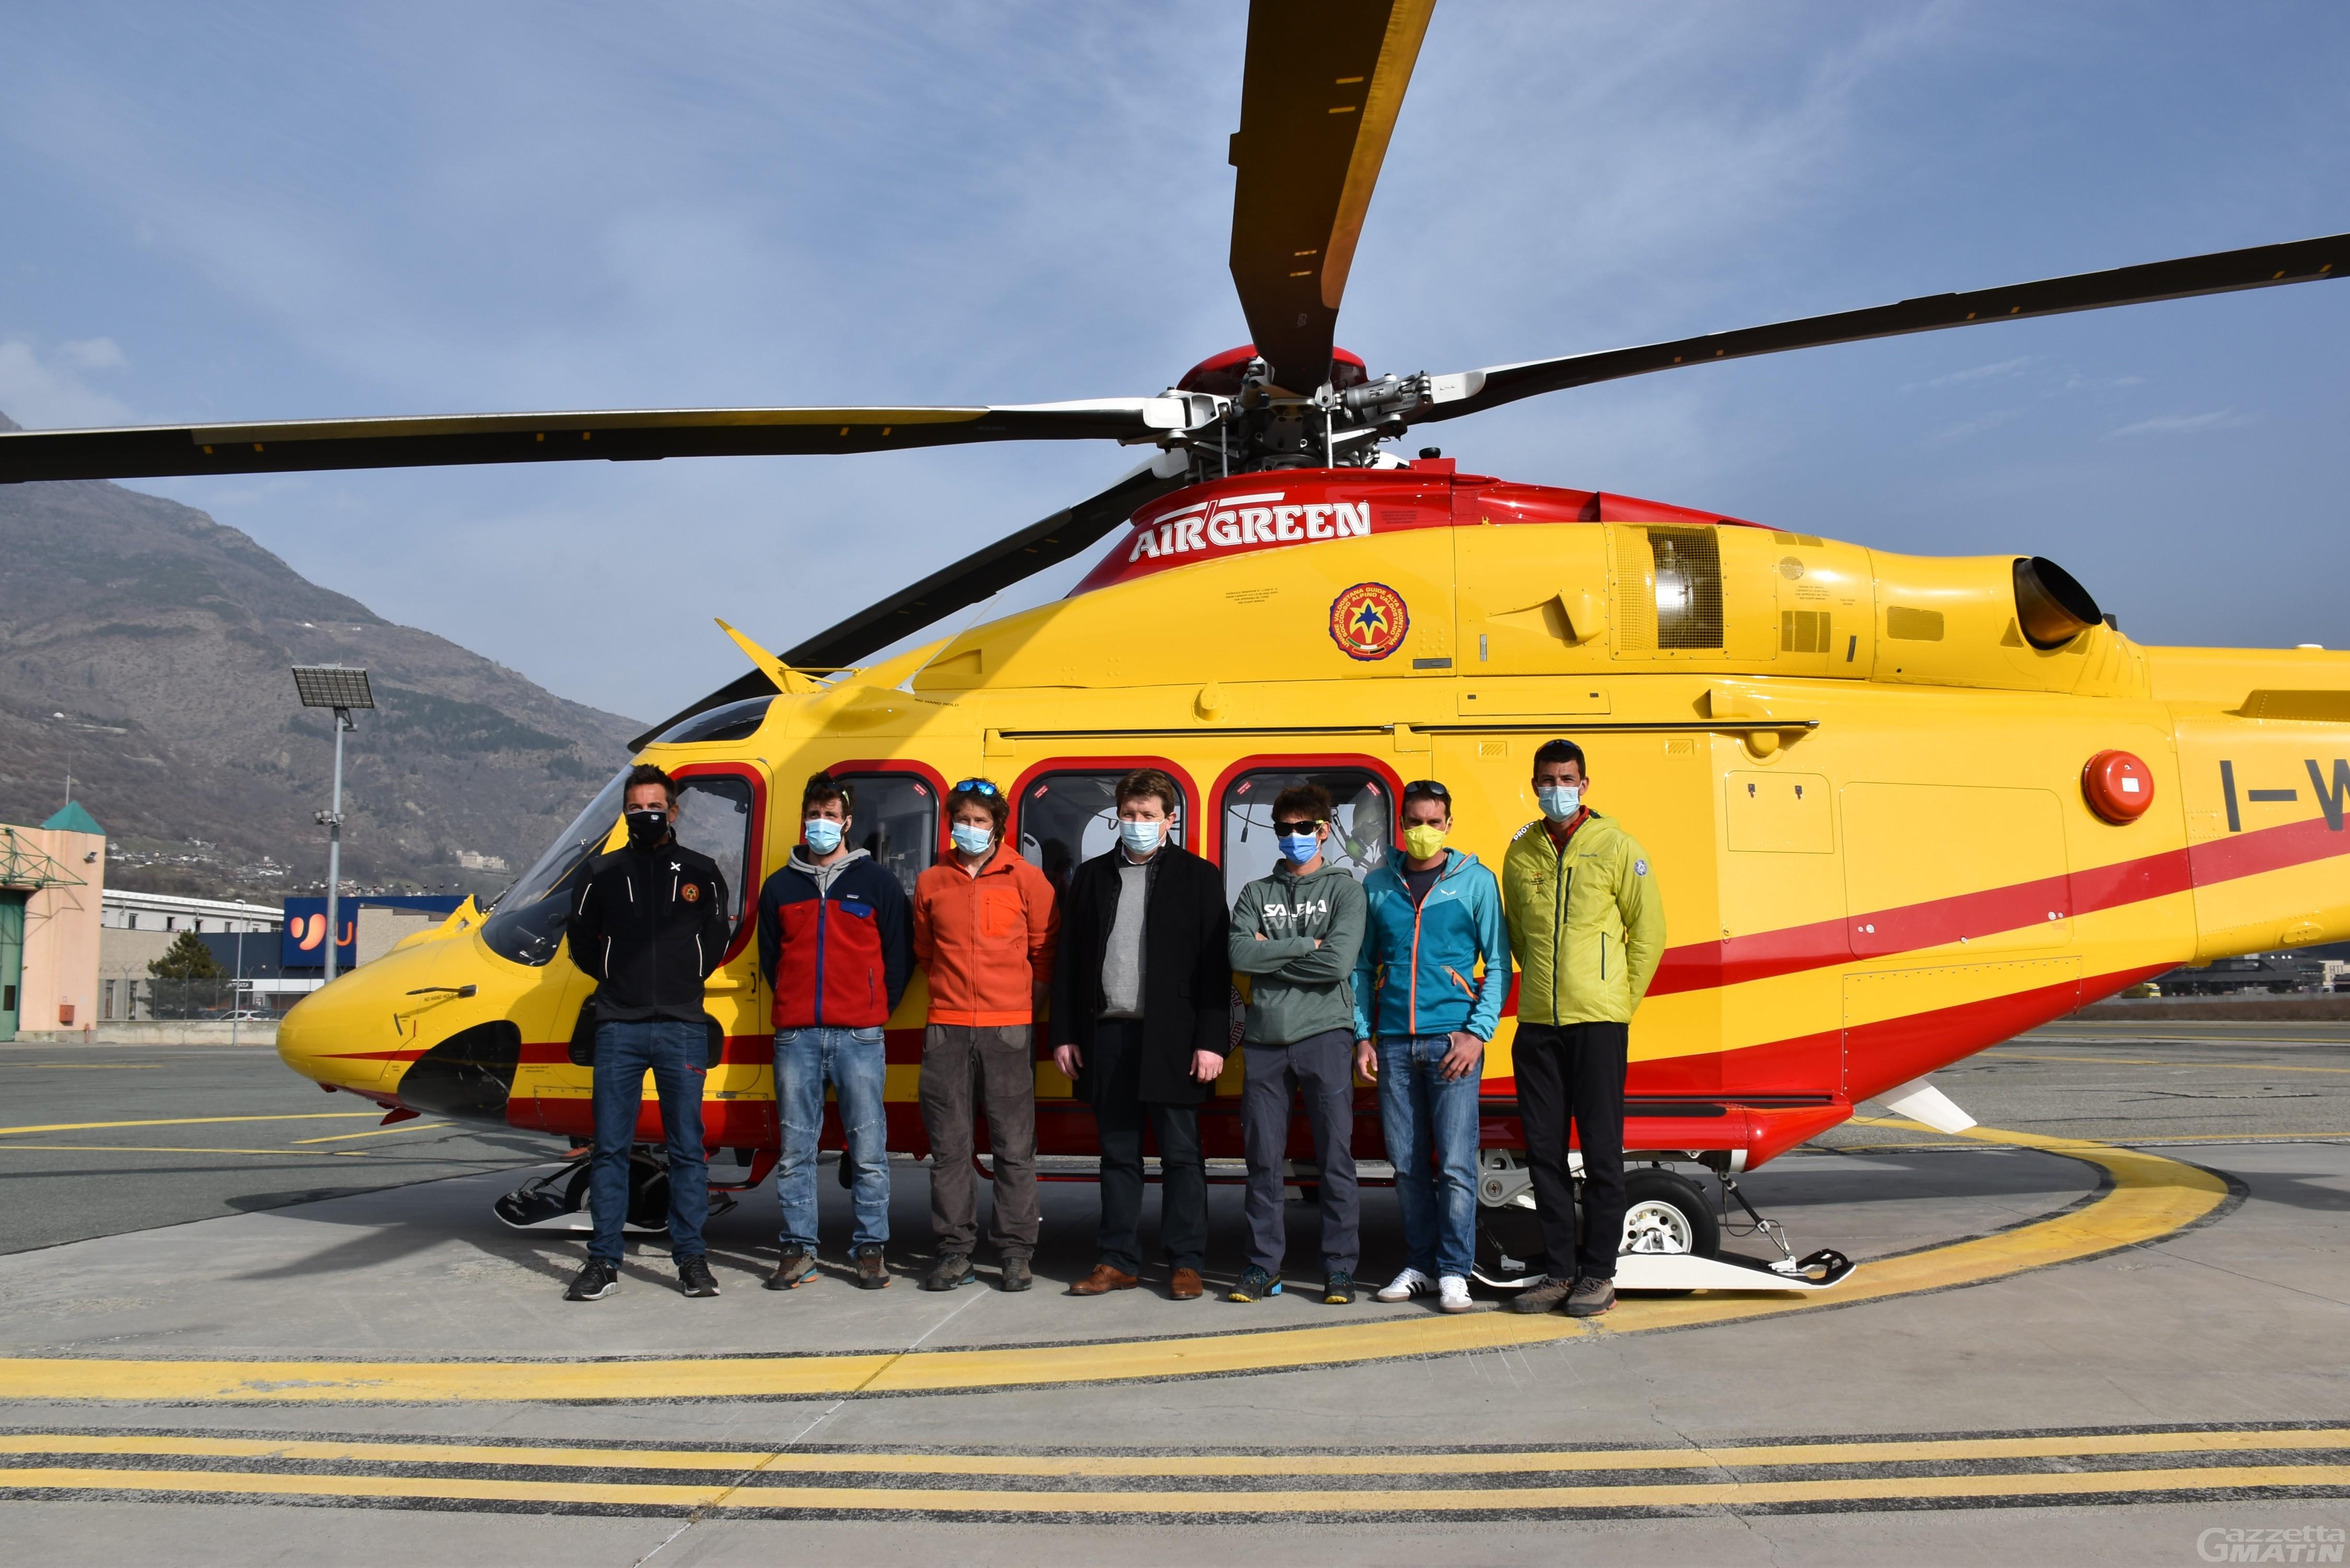 Cinque nuovi tecnici arricchiscono le fila del Soccorso alpino valdostano